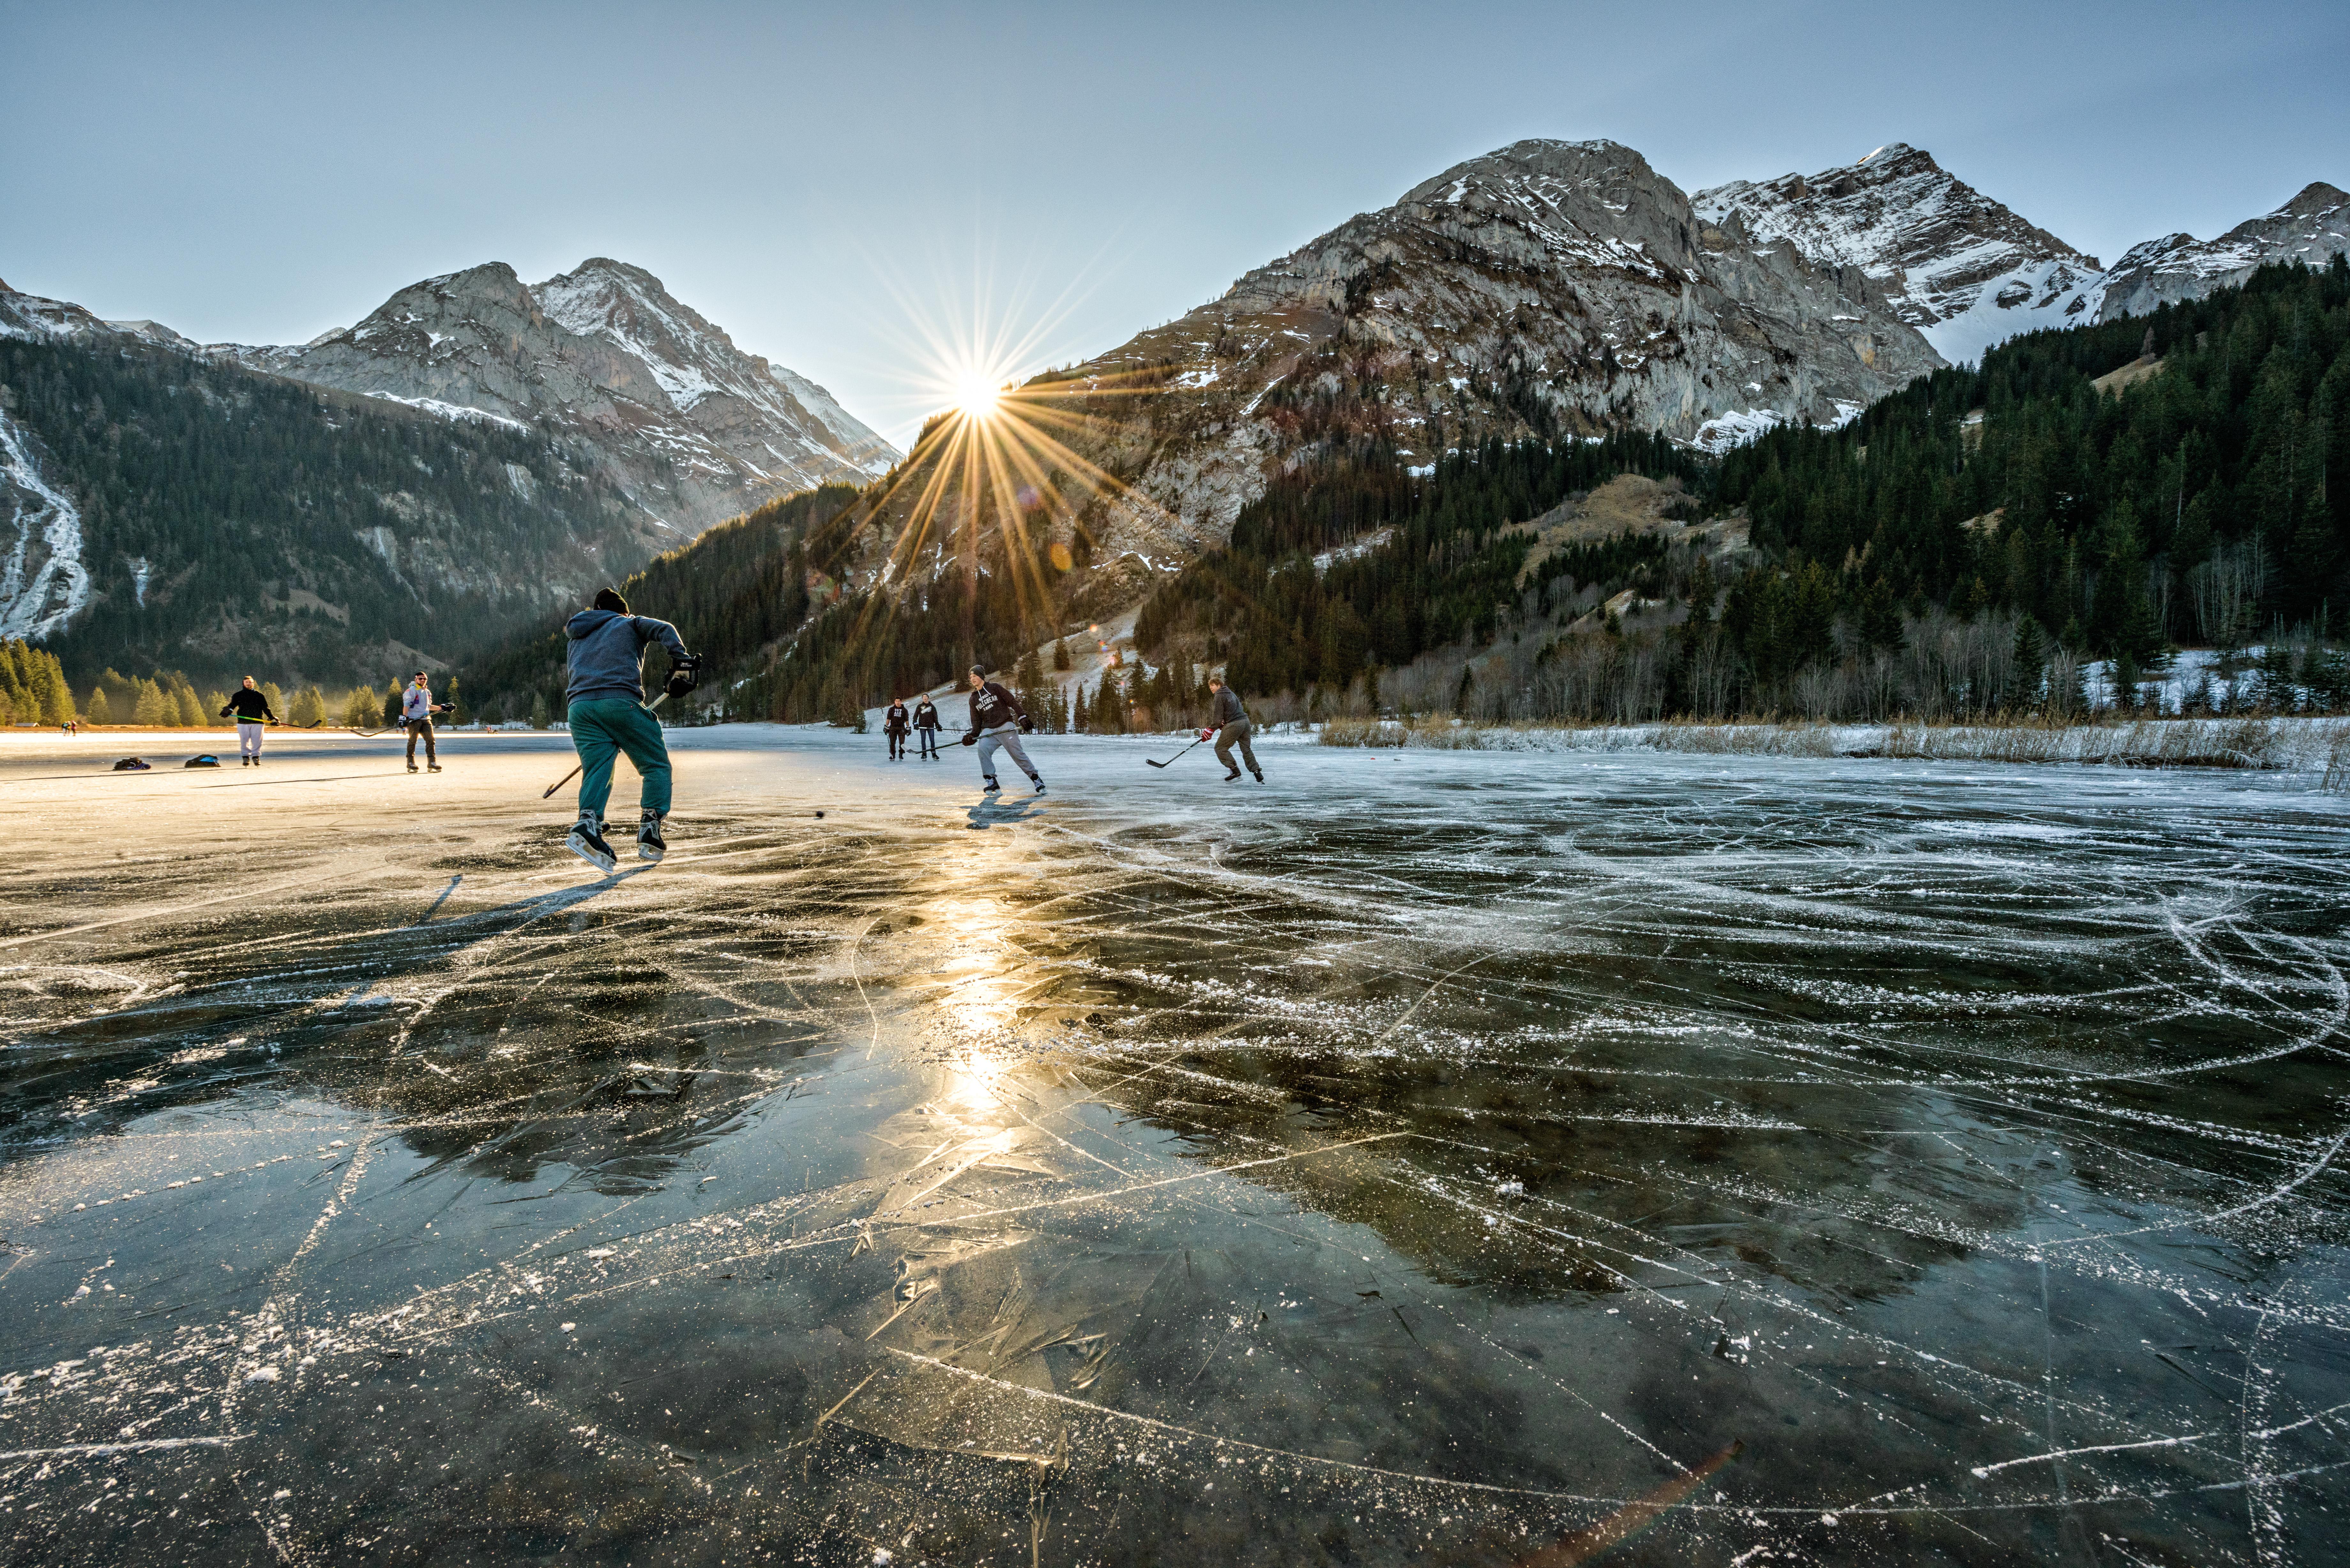 Schlittschuhfahren auf dem Lauenensee